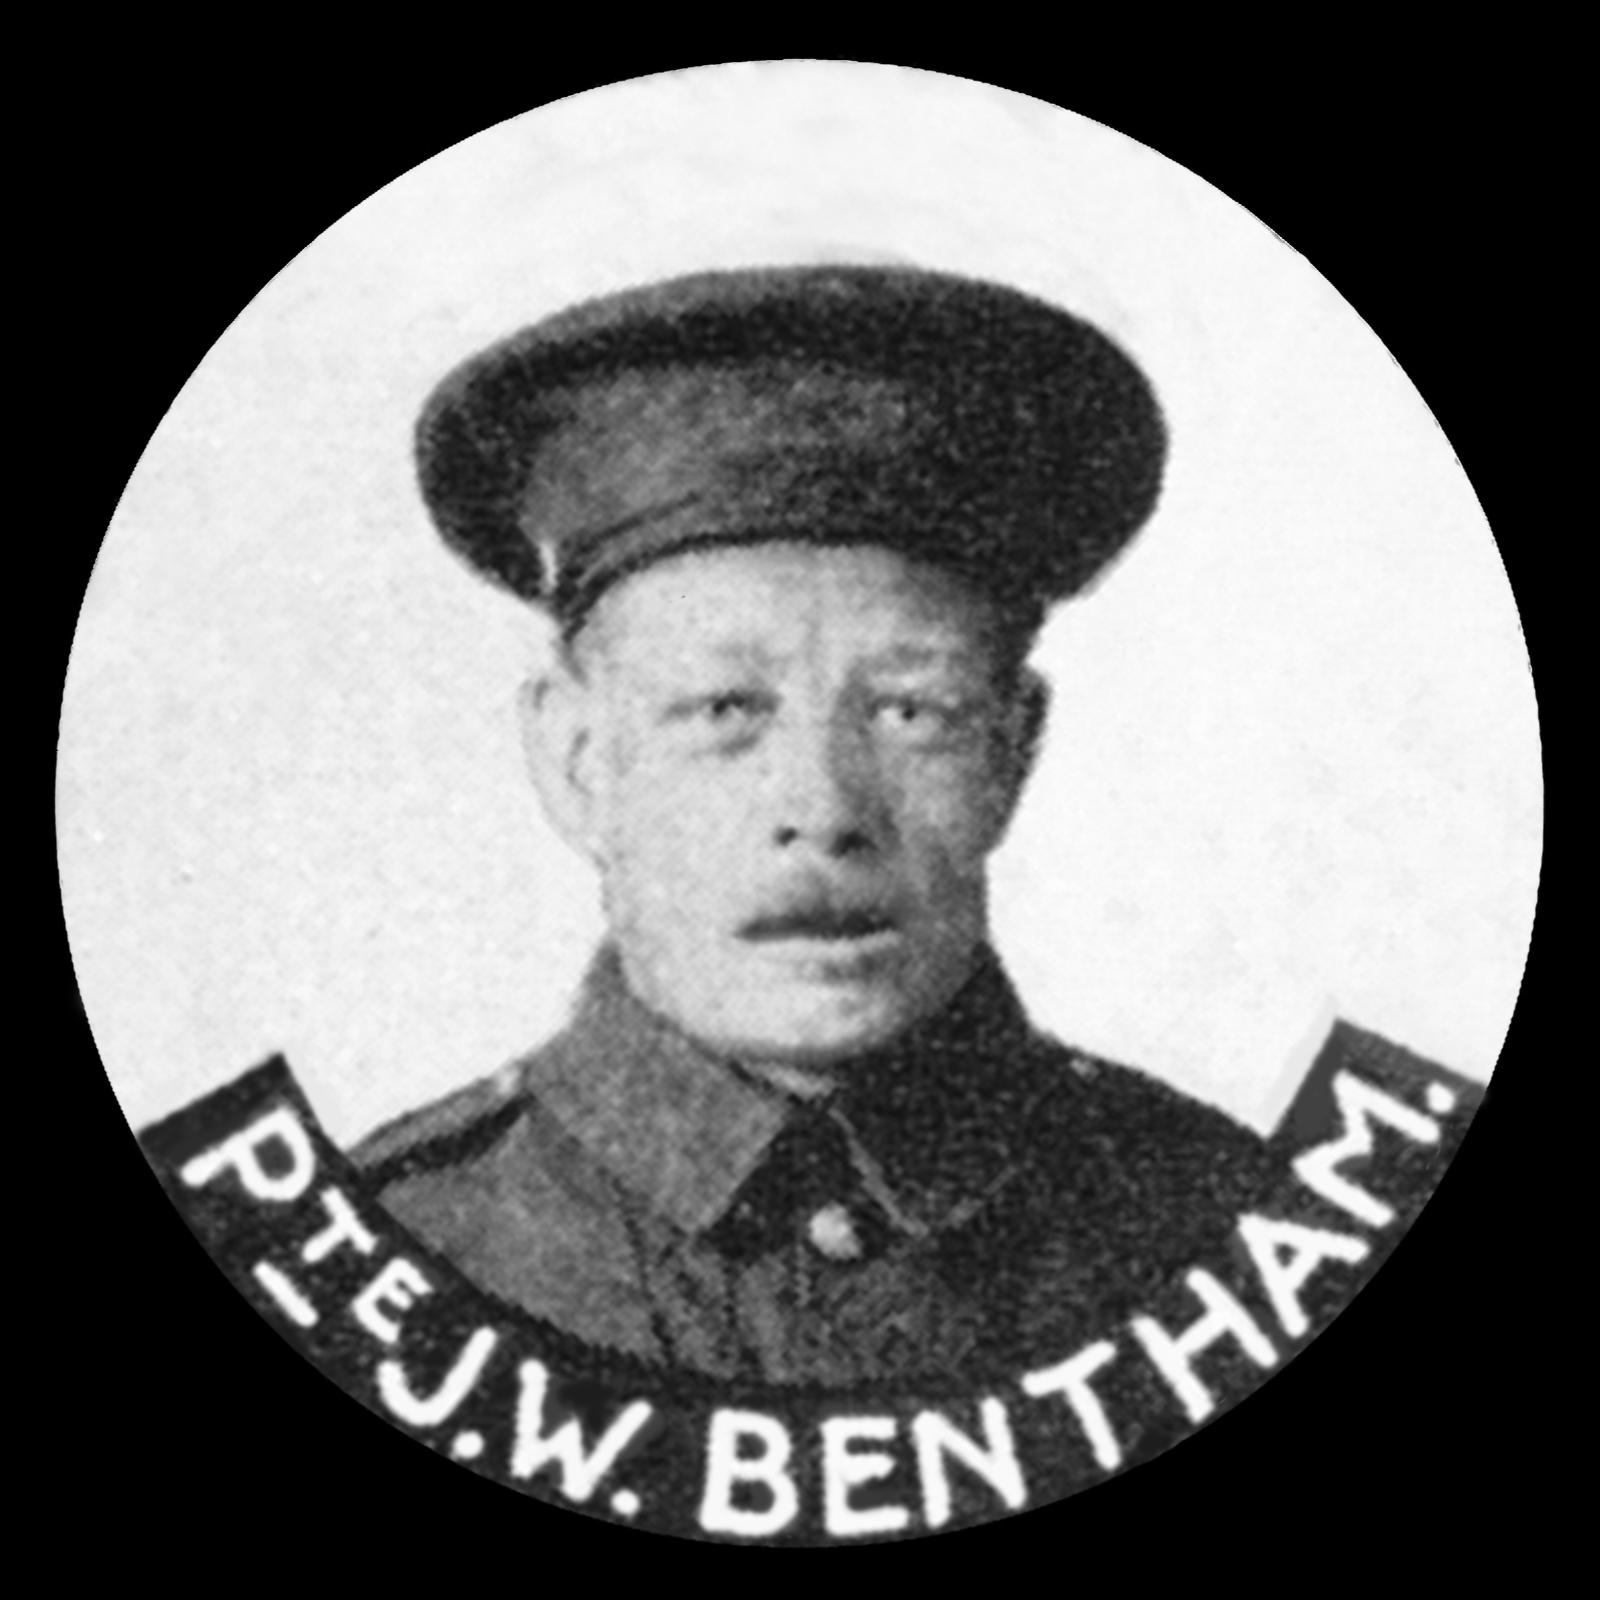 BENTHAM John William